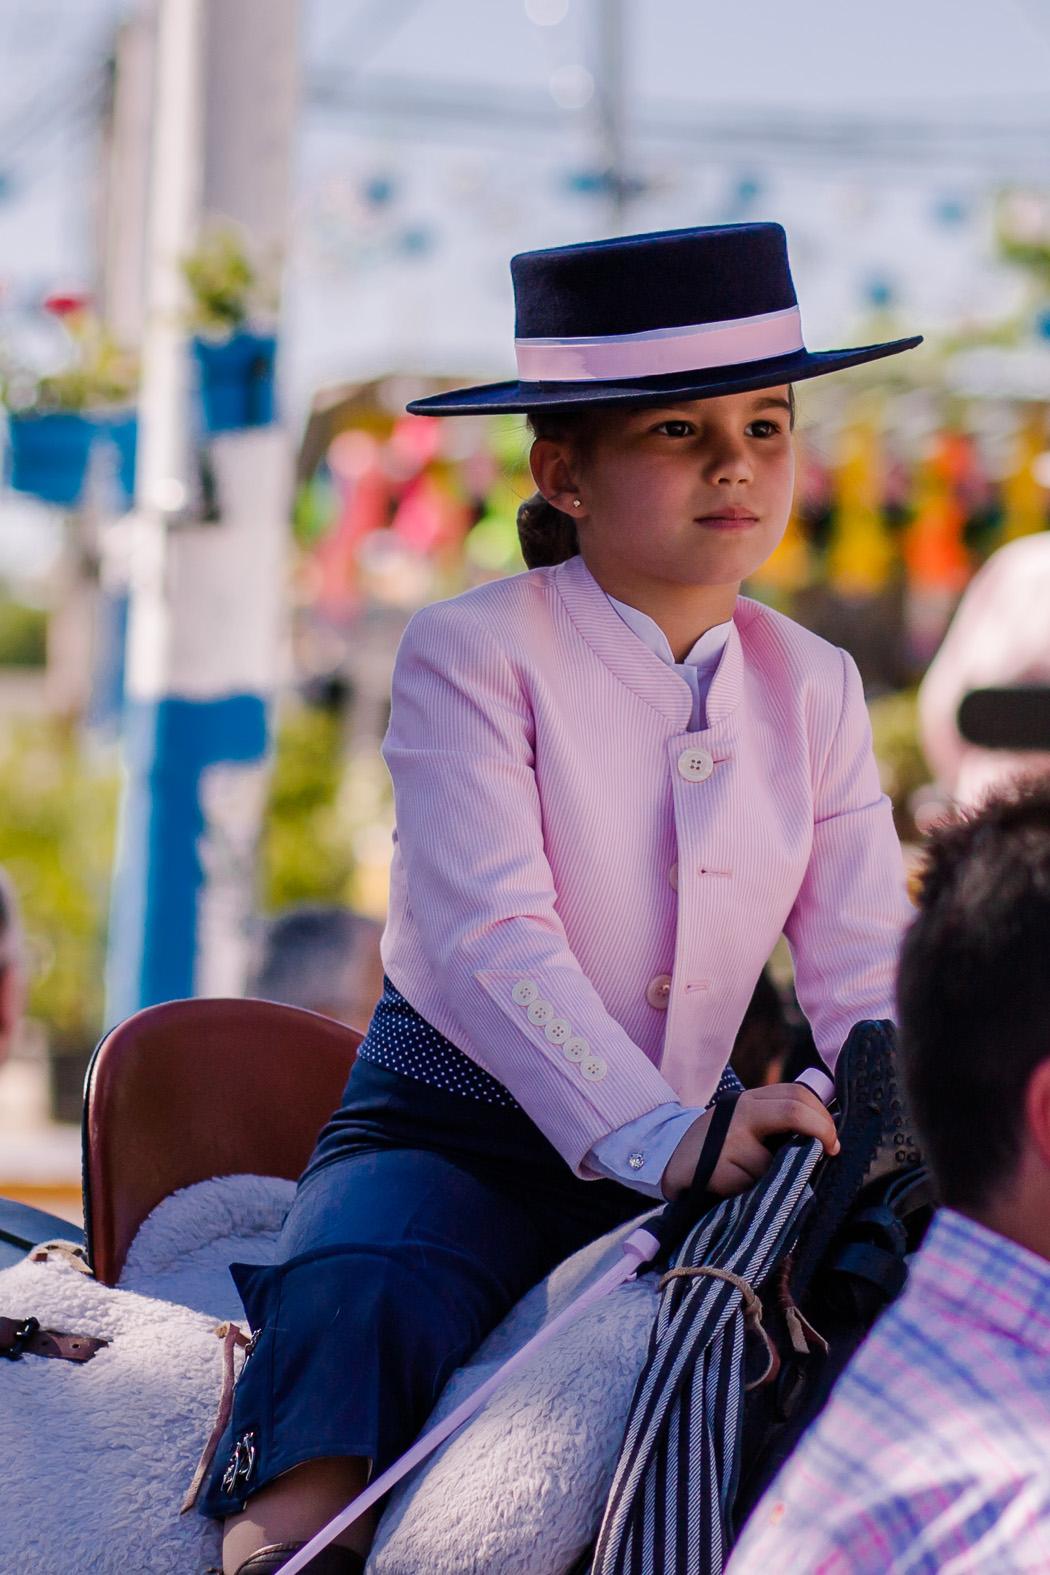 Feria de Carmona - a mais bela festa espanhola